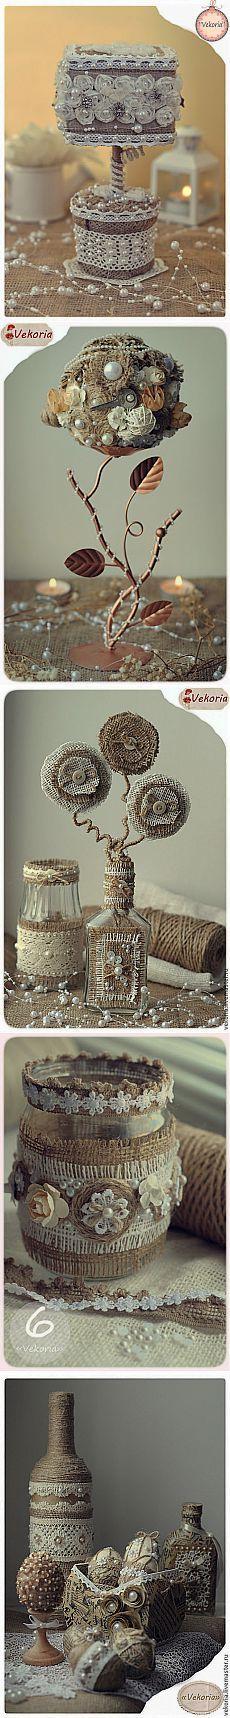 Винтажные работы из мешковины, кружева, джута и кофейных зерен